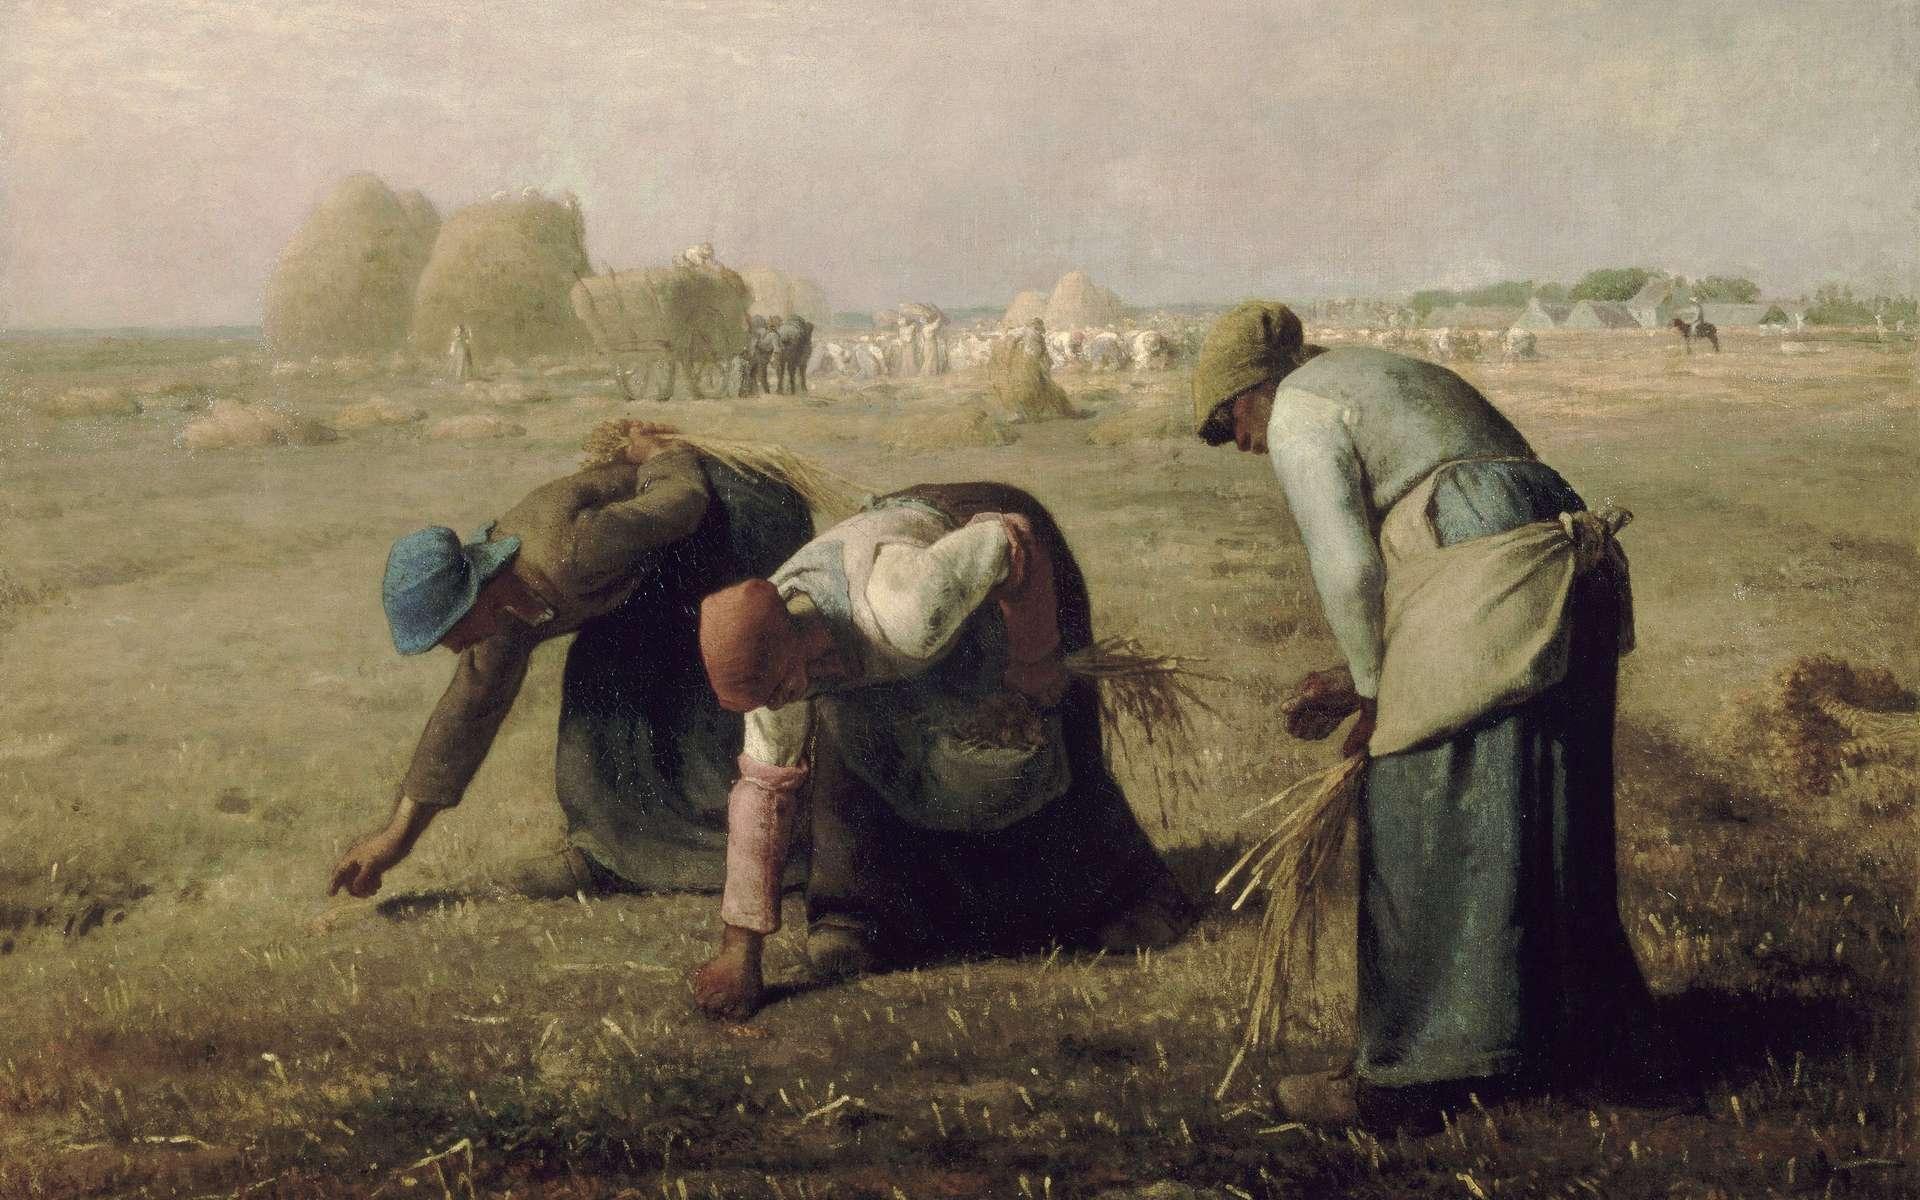 Tableau « Les glaneuses » de Jean-François Millet, 1857. Musée d'Orsay, Paris. © Wikimedia Commons, domaine public